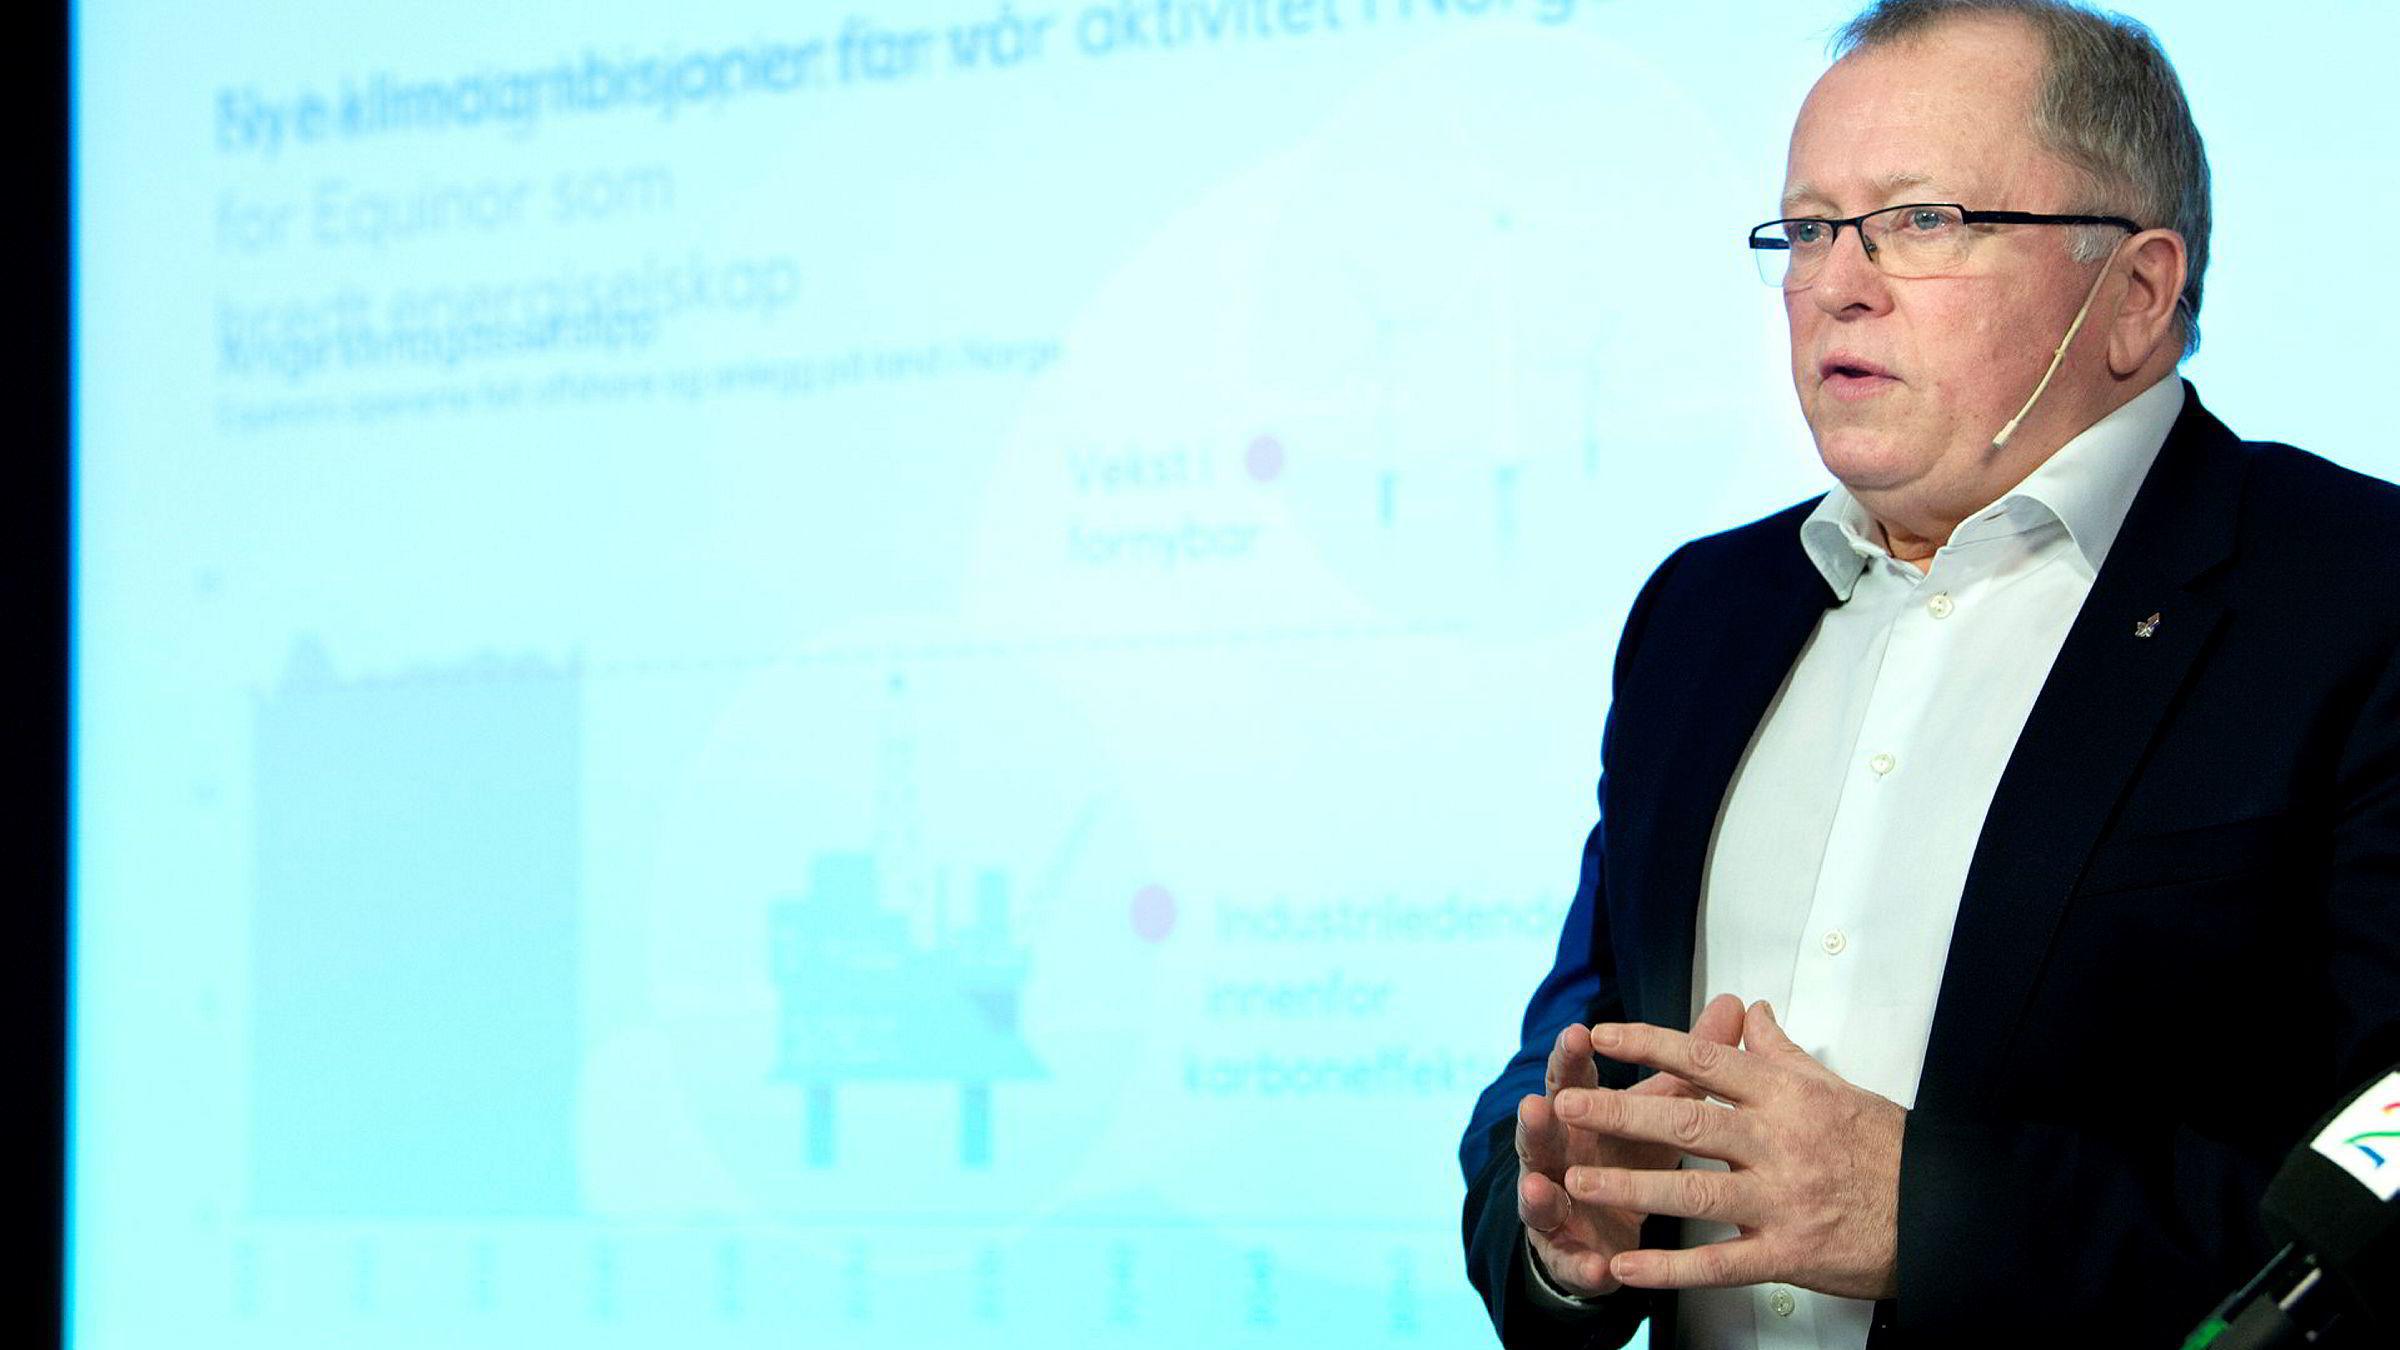 Equinor-sjef Eldar Sætre presenterte mandag selskapets nye klimaambisjoner for norsk sokkel.